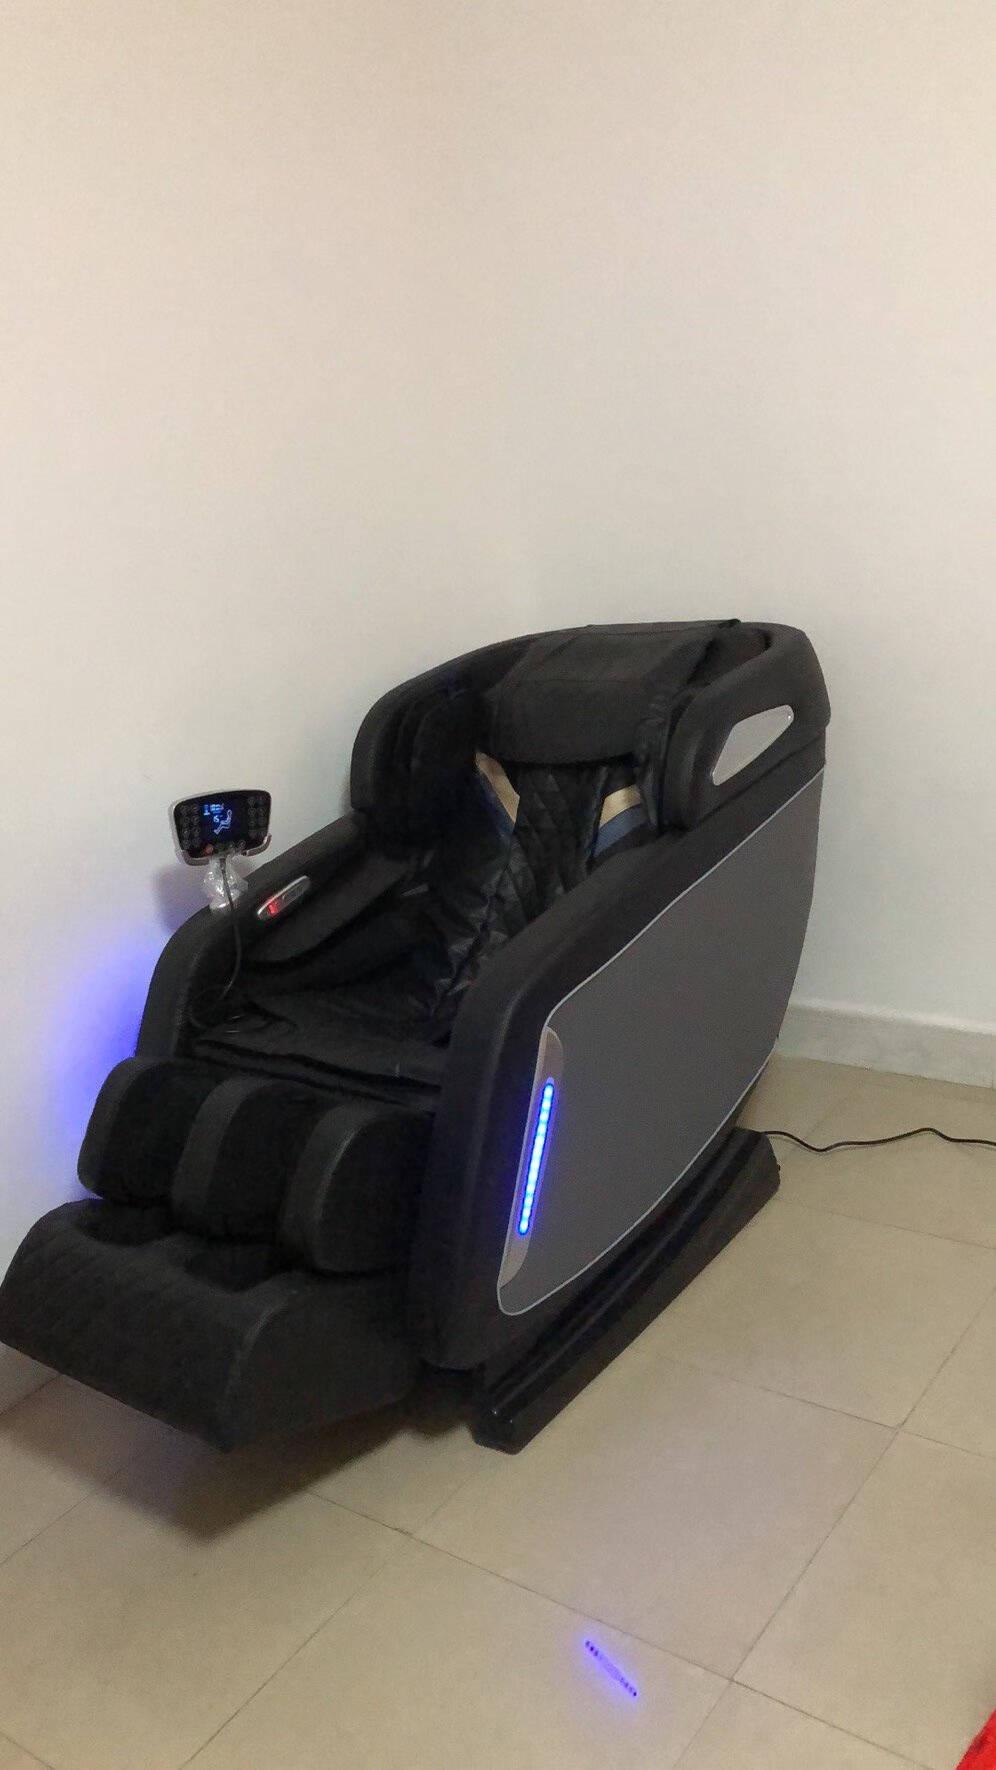 乐尔康(Leerkang)按摩椅家用全身豪华零重力全自动多功能电动按摩沙发椅子智能太空舱988-5